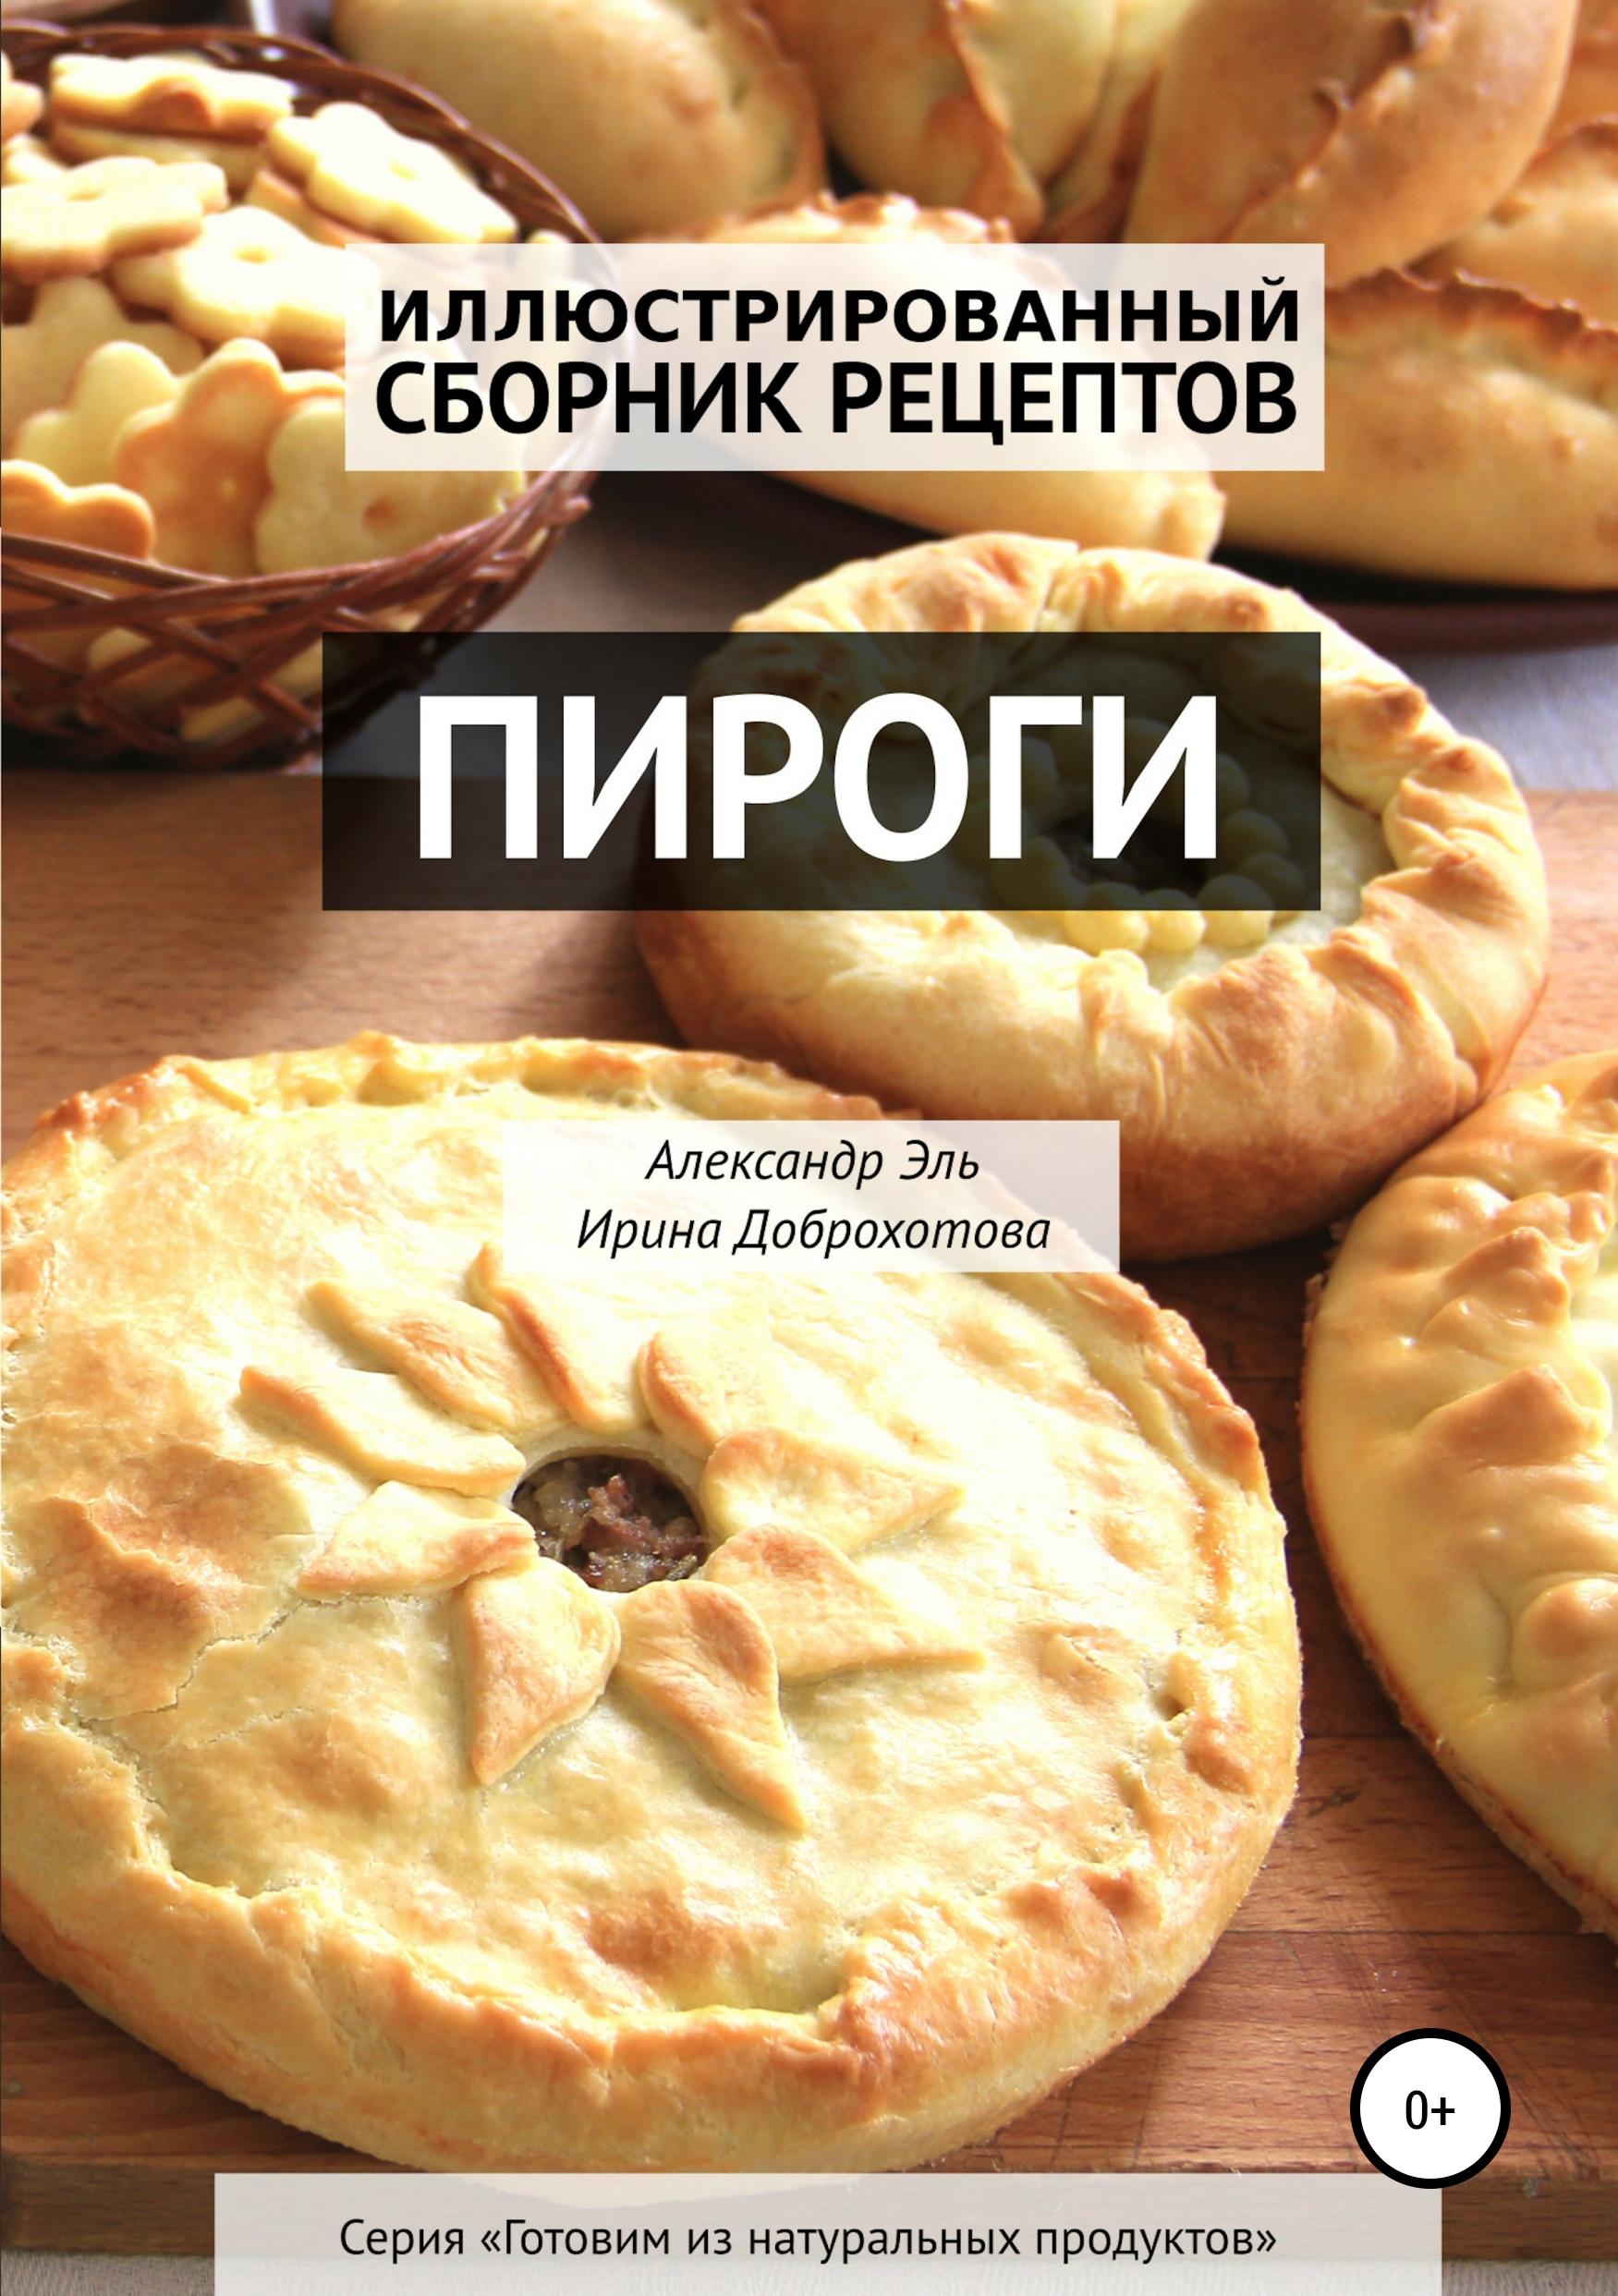 Александр Эль Пироги. Иллюстрированный сборник рецептов учимся готовить быстрые пироги и другую выпечку